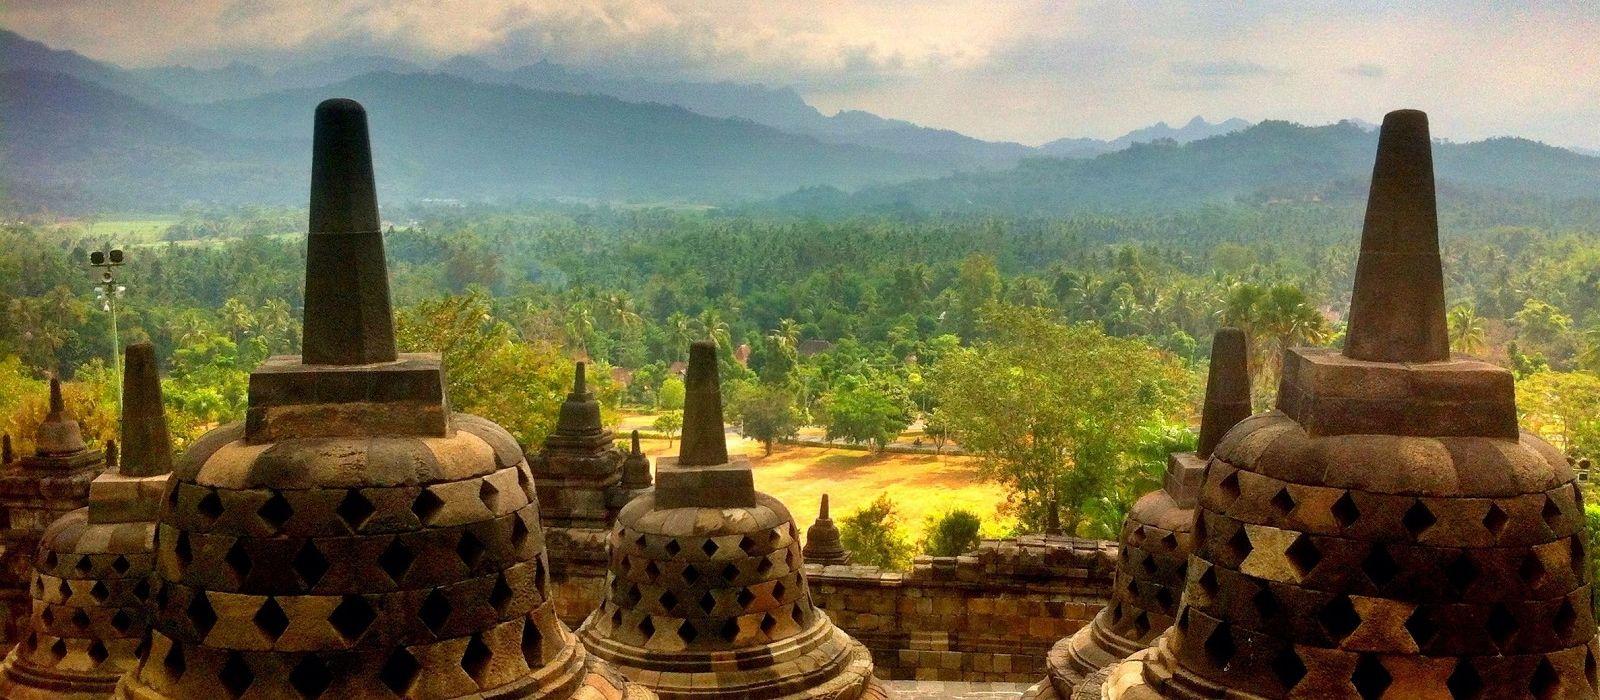 Kultur, Abenteuer und Natur auf Java und Bali Urlaub 2